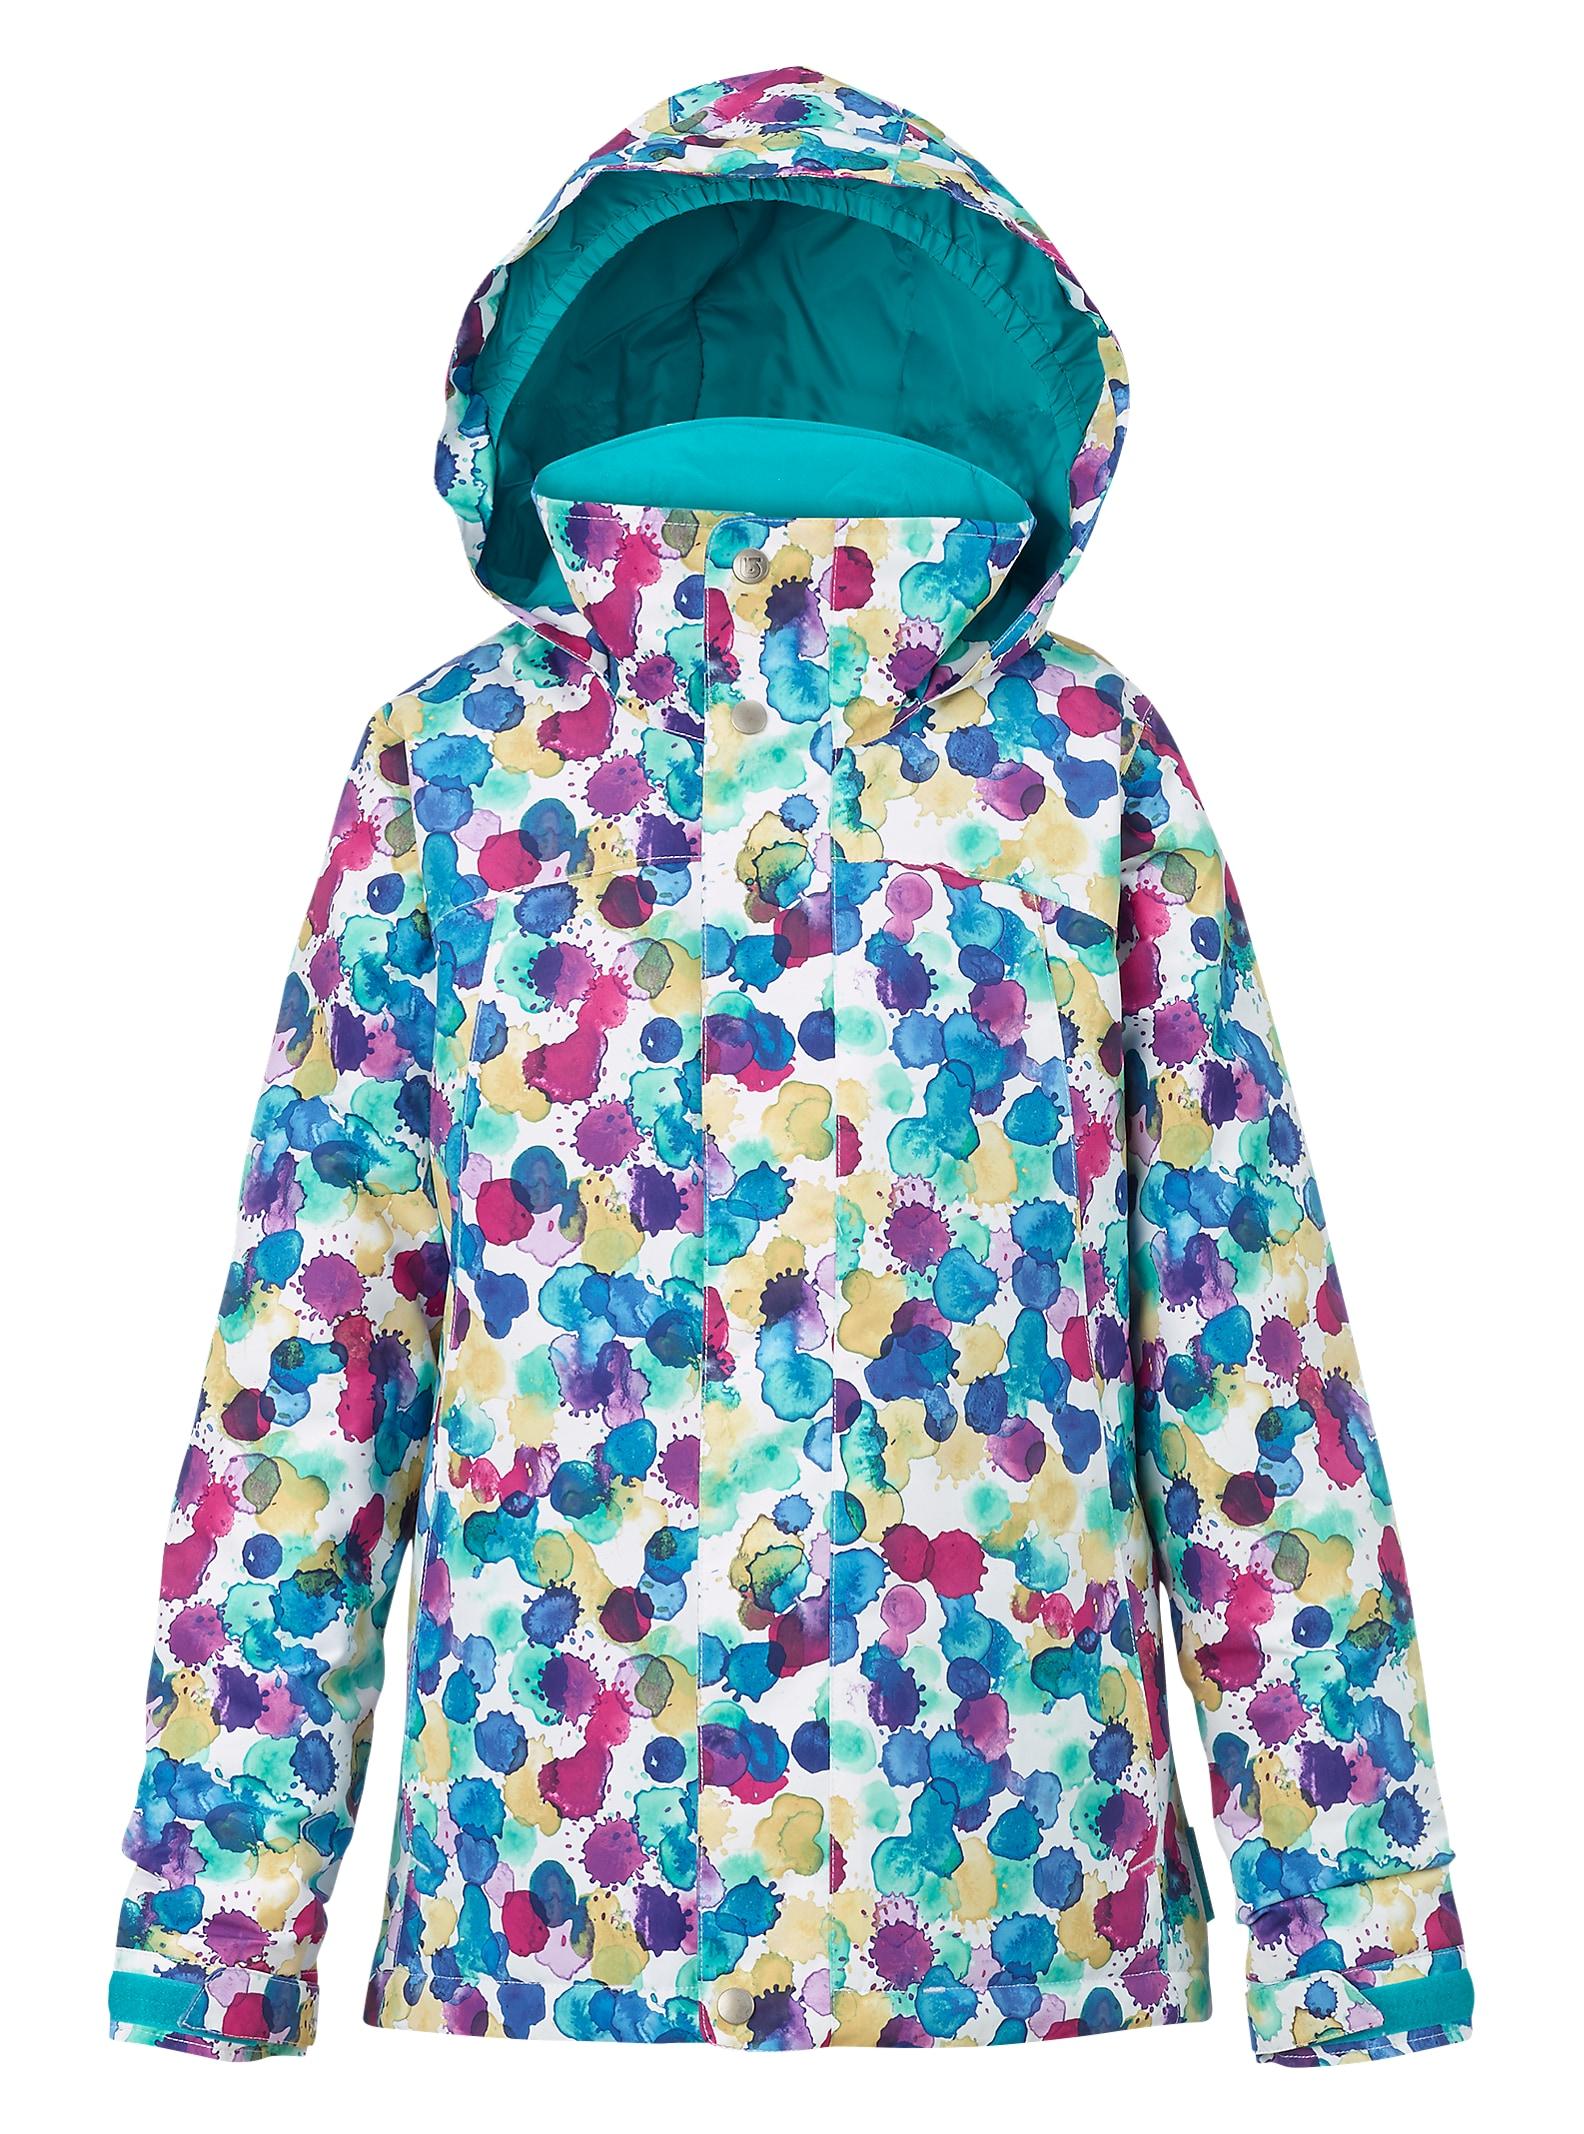 Burton - Manteau Elodie pour fille affichage en Rainbow Drops